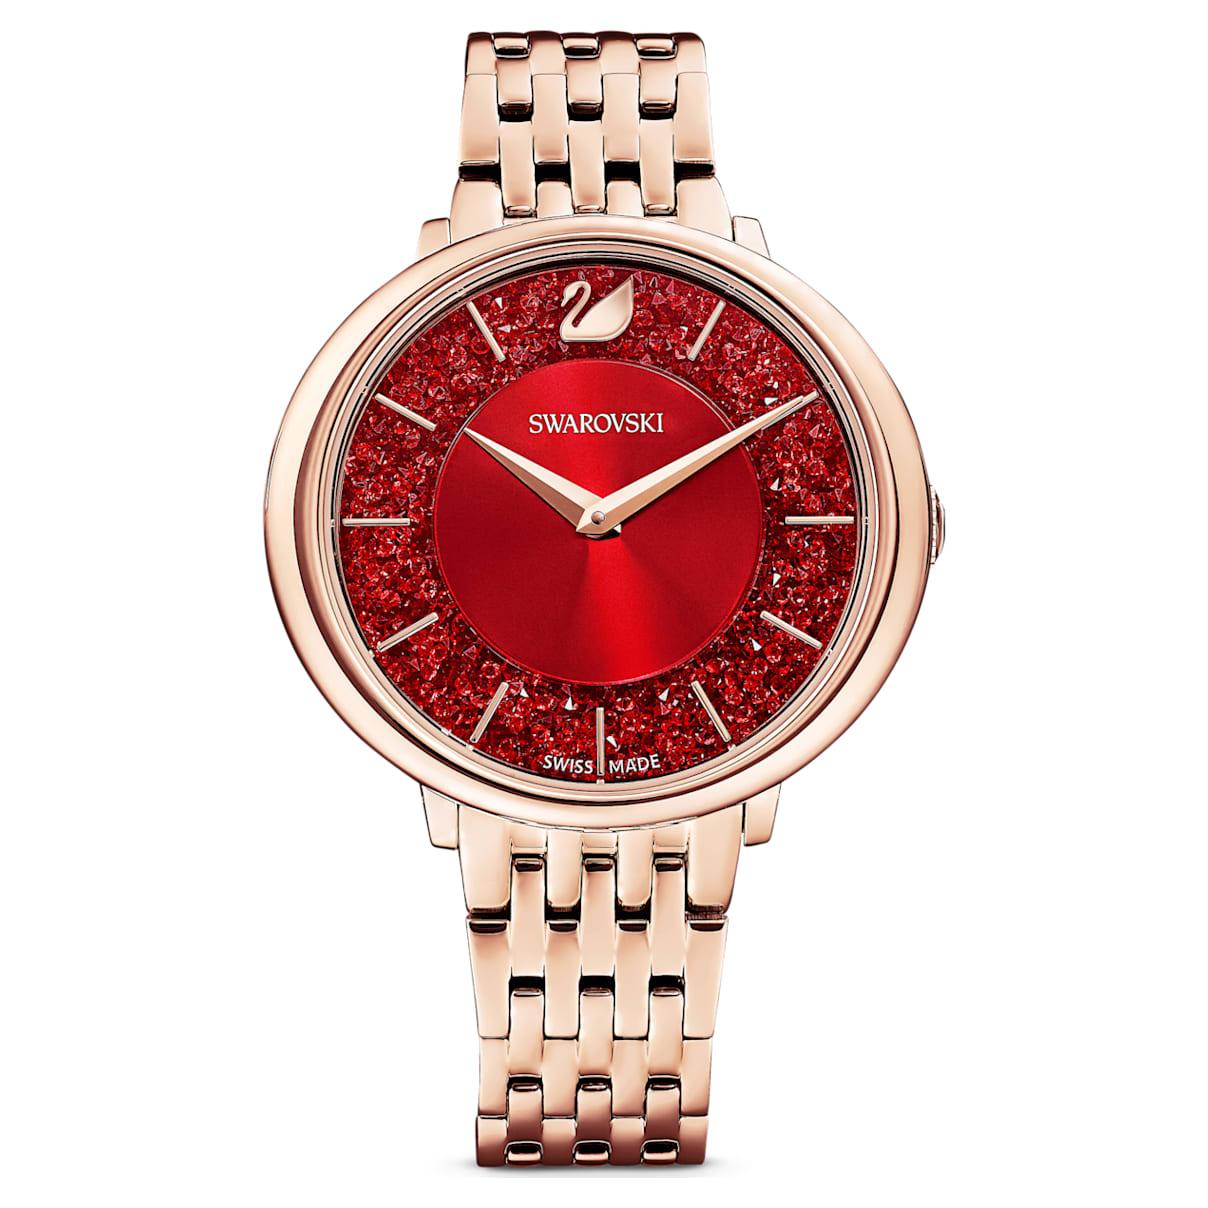 Orologio Crystalline Chic, bracciale di metallo, rosso, PVD oro rosa